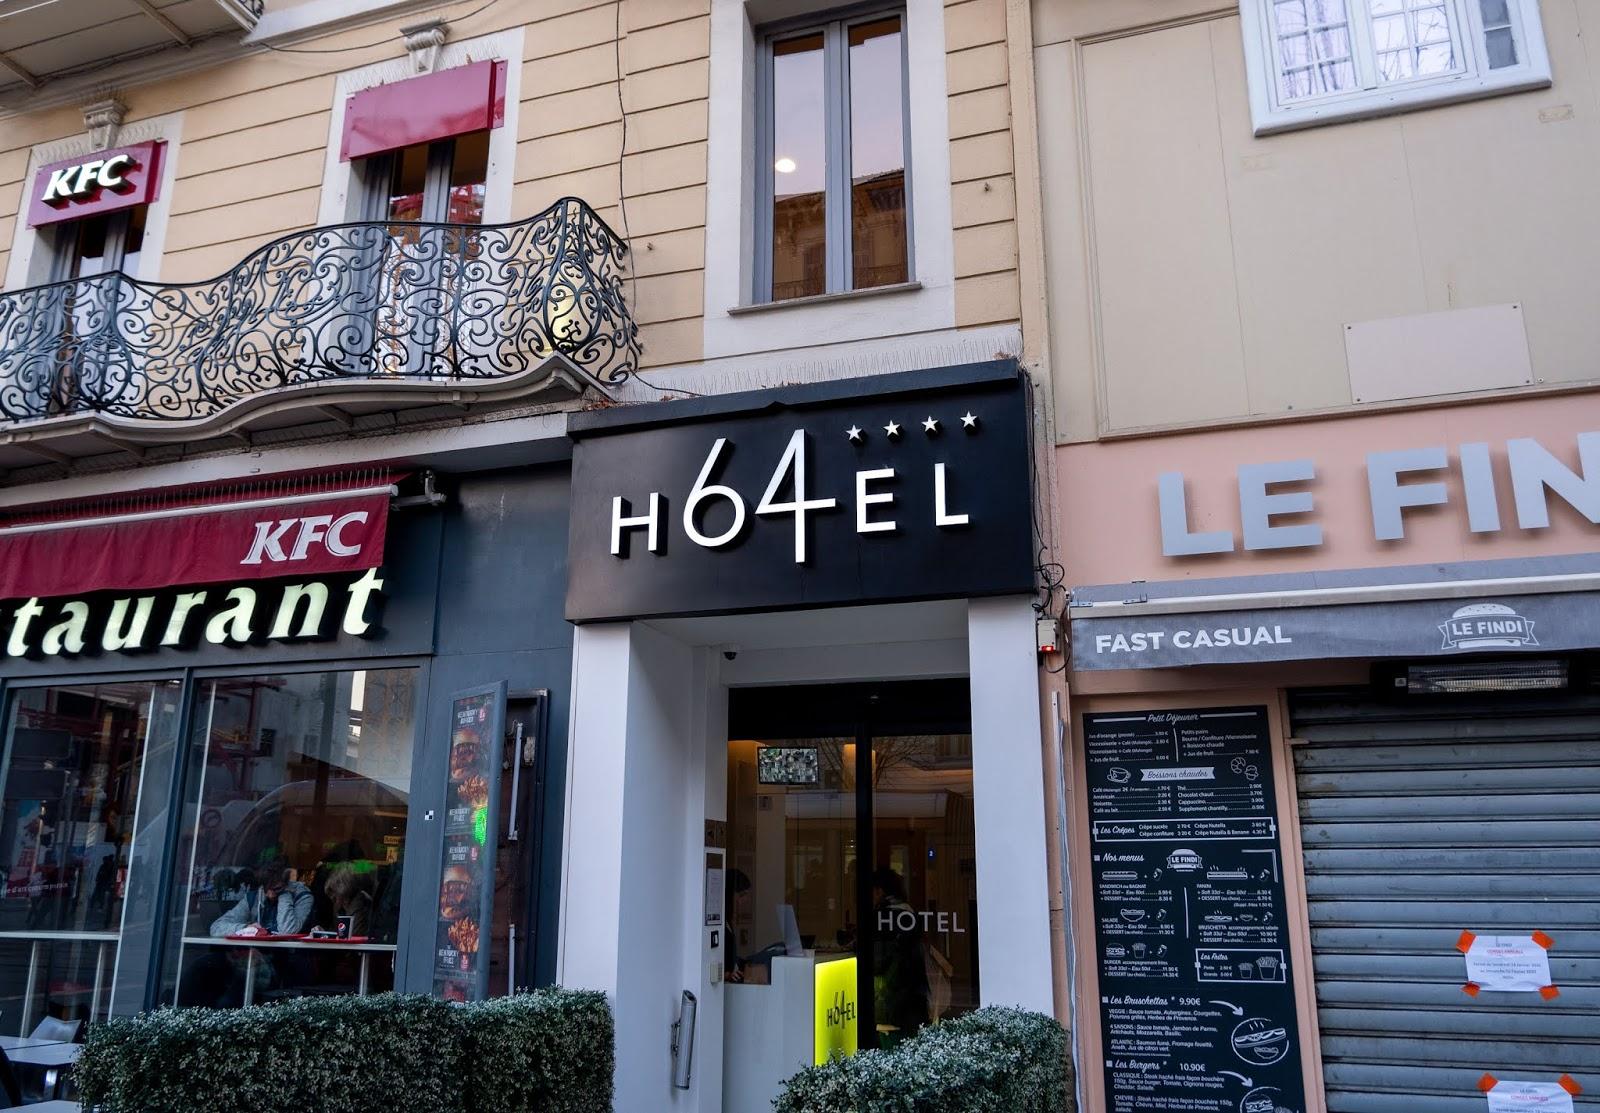 Hotel 64 in Nice, France